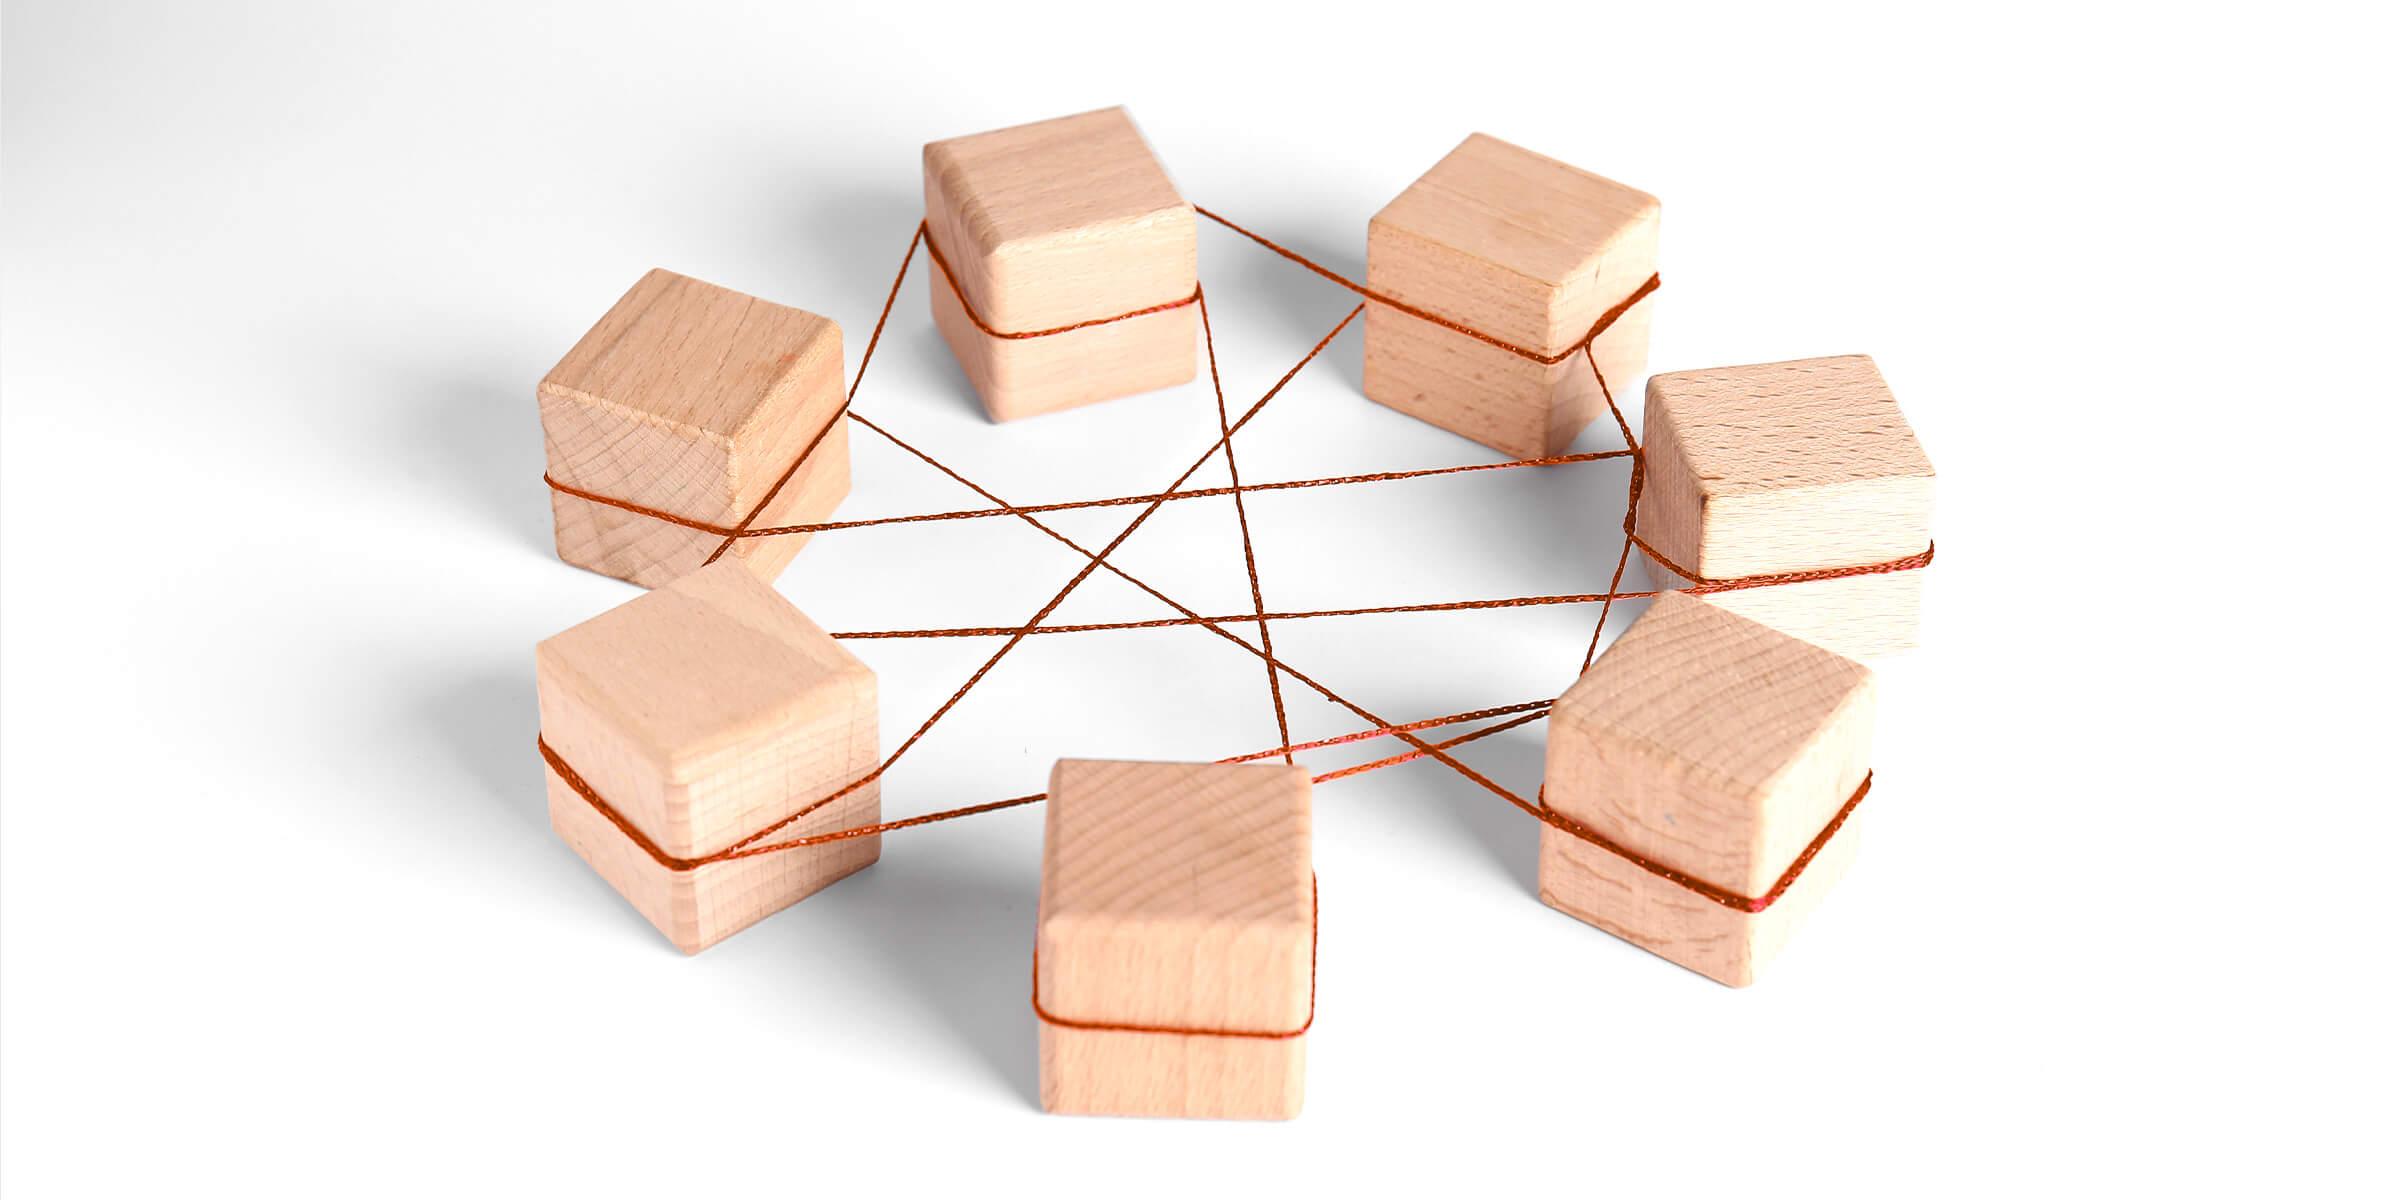 Holzklötze mit orangenen Fäden verbunden